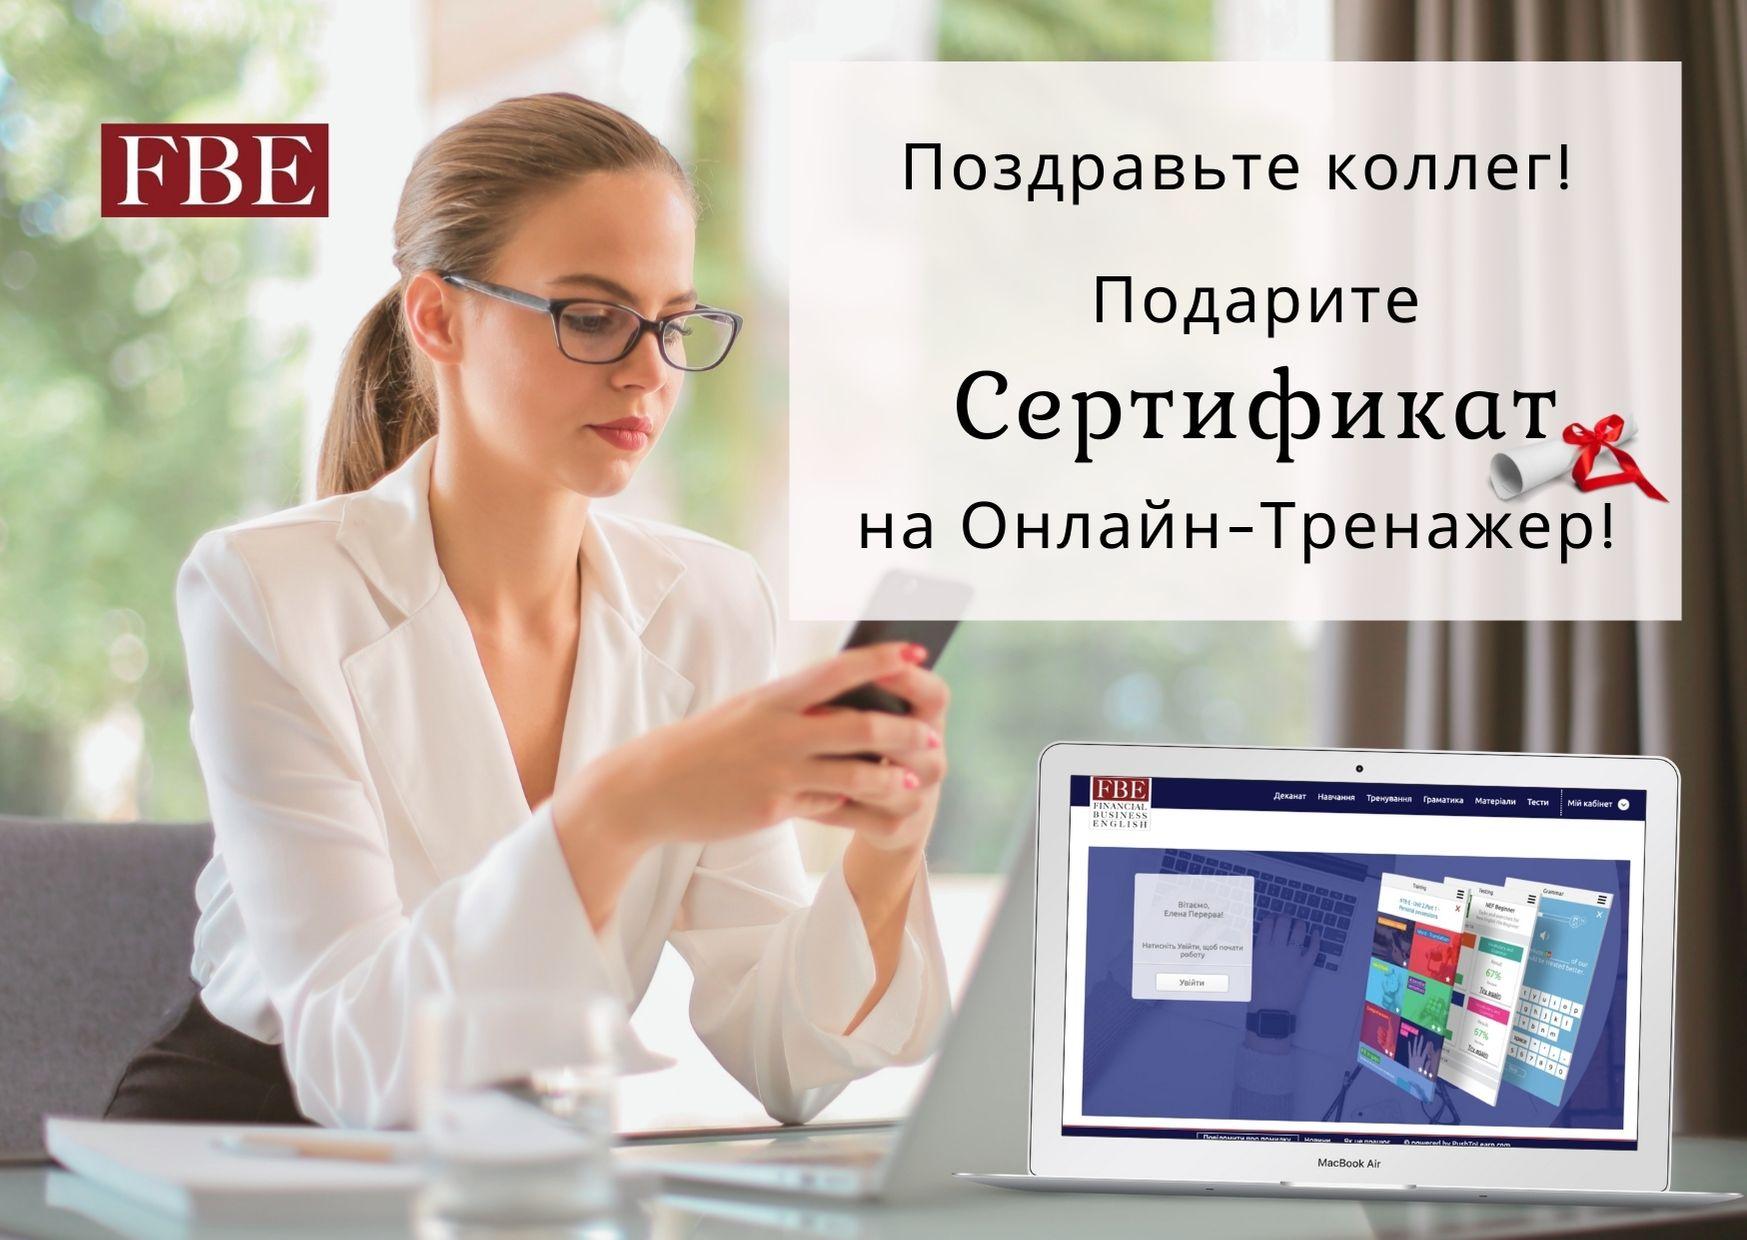 Онлайн-Тренажер: Выучите финансовый английский для работы и ACCA/CIMA